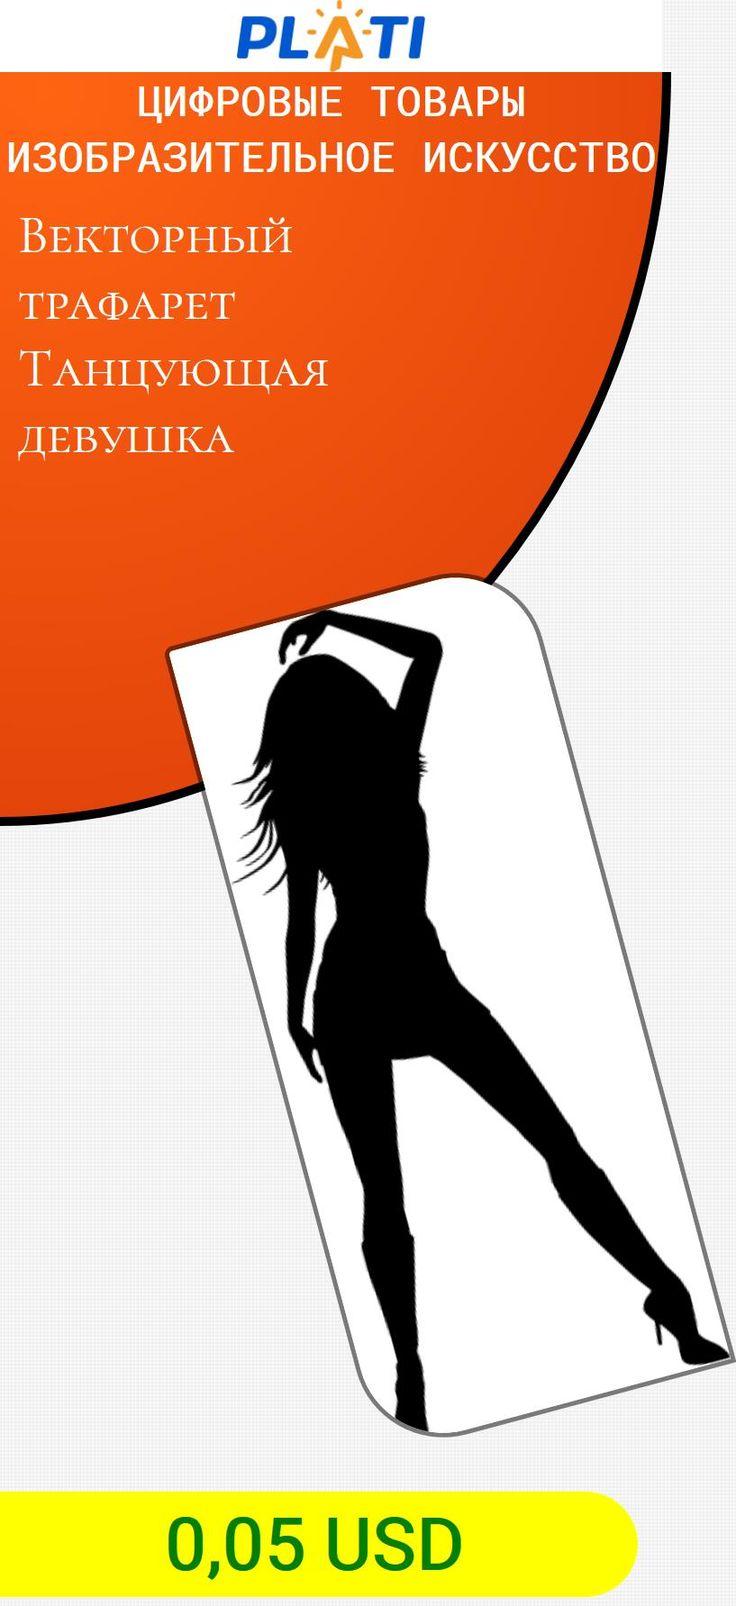 Векторный трафарет Танцующая девушка Цифровые товары Изобразительное искусство